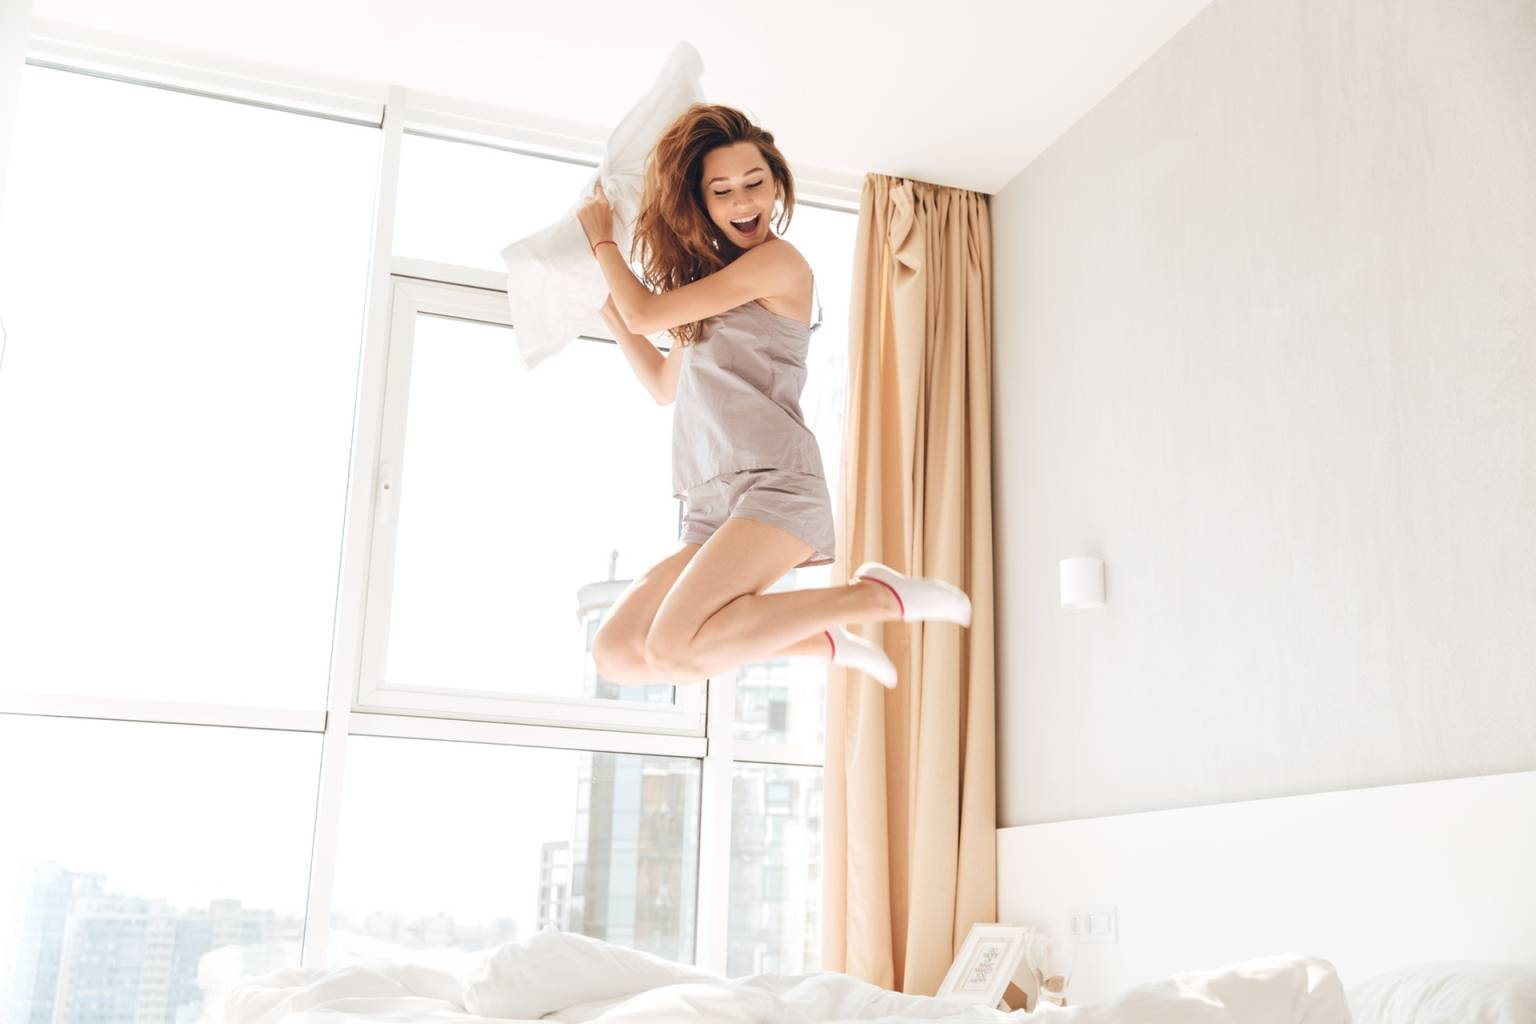 Domowe sposoby na zaparcia. Młoda dziewczyna ubrana w krótkie spodenki, top i skarpetki skacze po łóżku z poduszką w ręku.